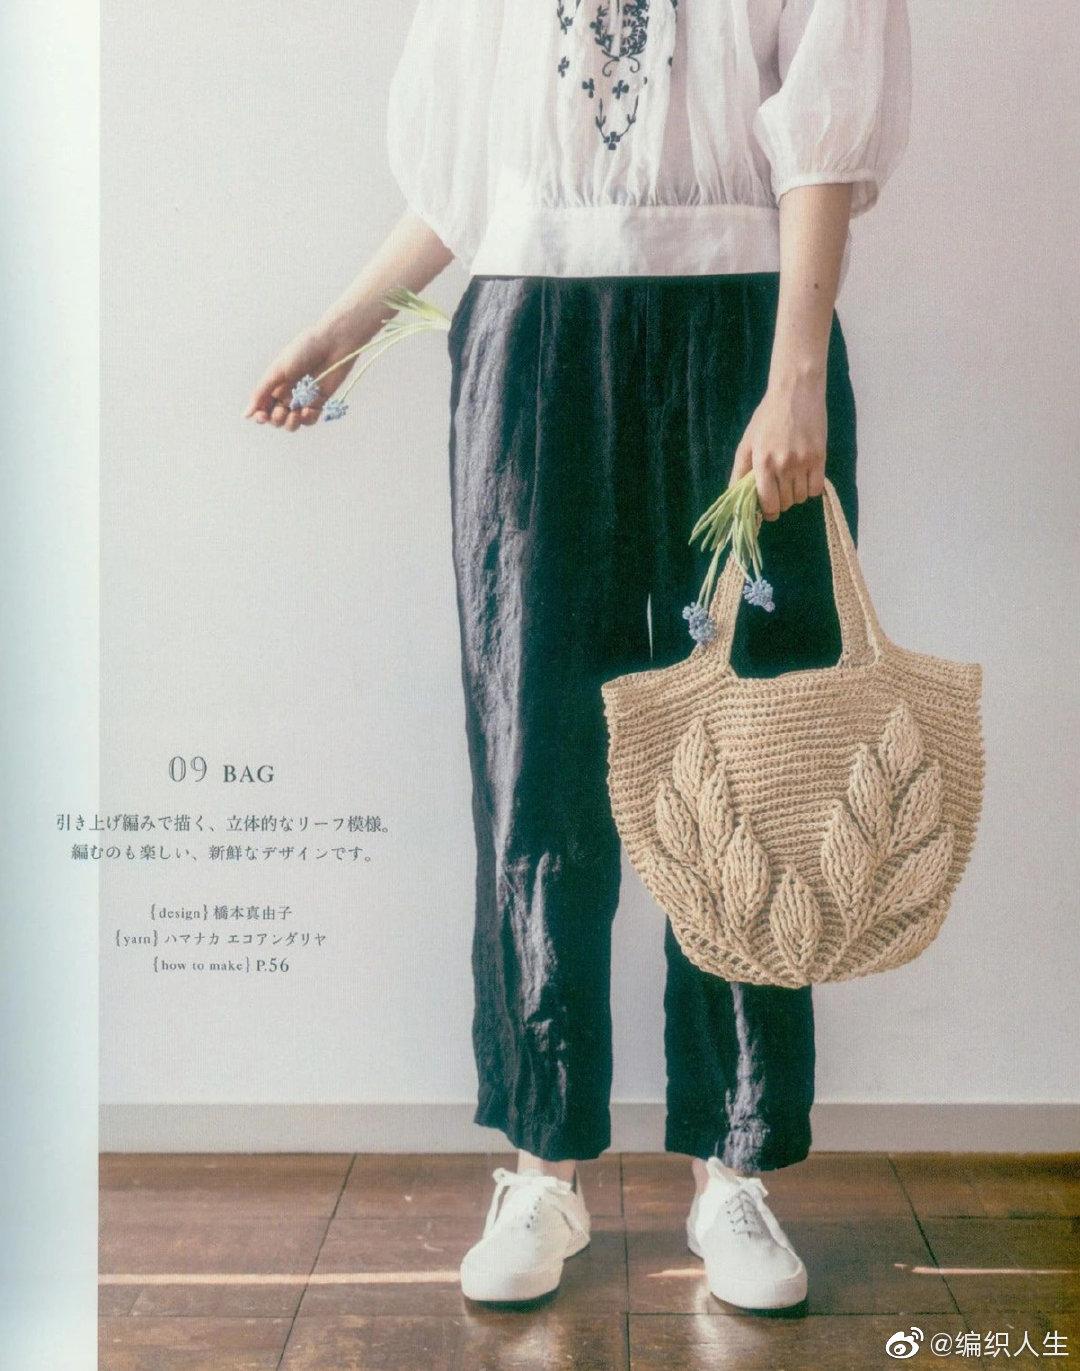 分享一款漂亮钩针手提包,采用不同的线材可以适合不同的季节